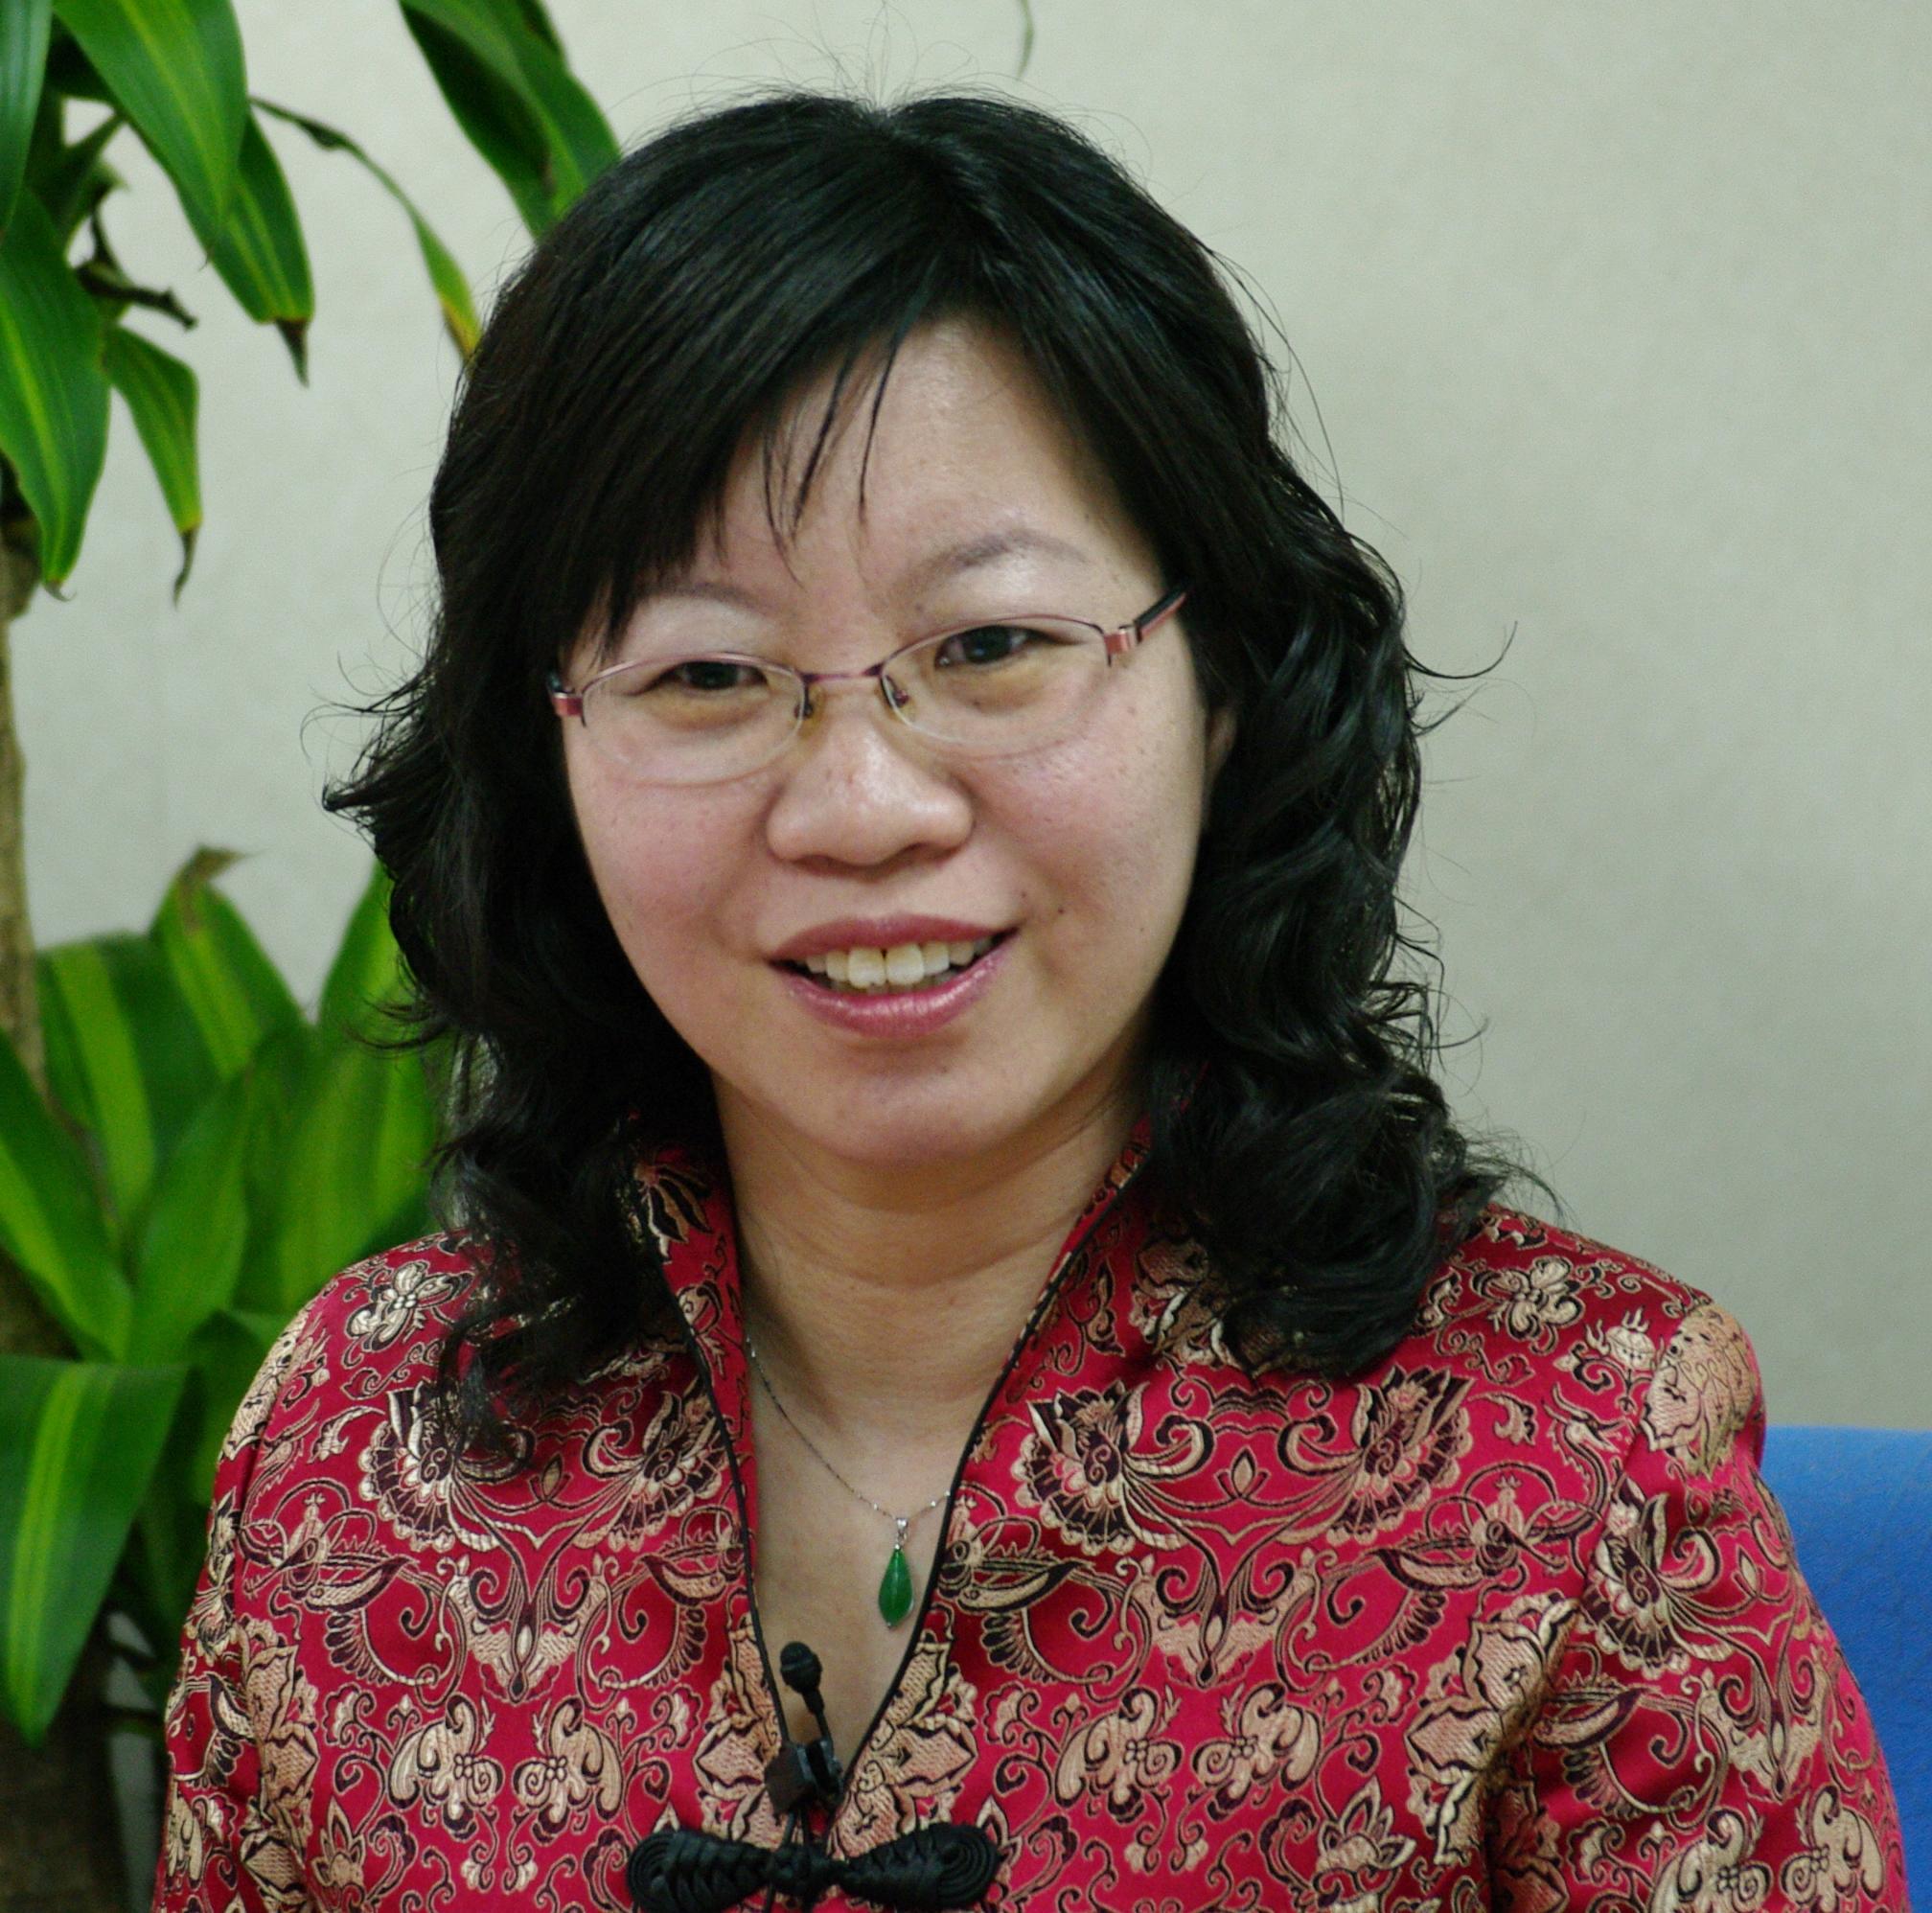 中韩中年女性的健康状况及生活质量的比较研究与韩国合作课题,2006